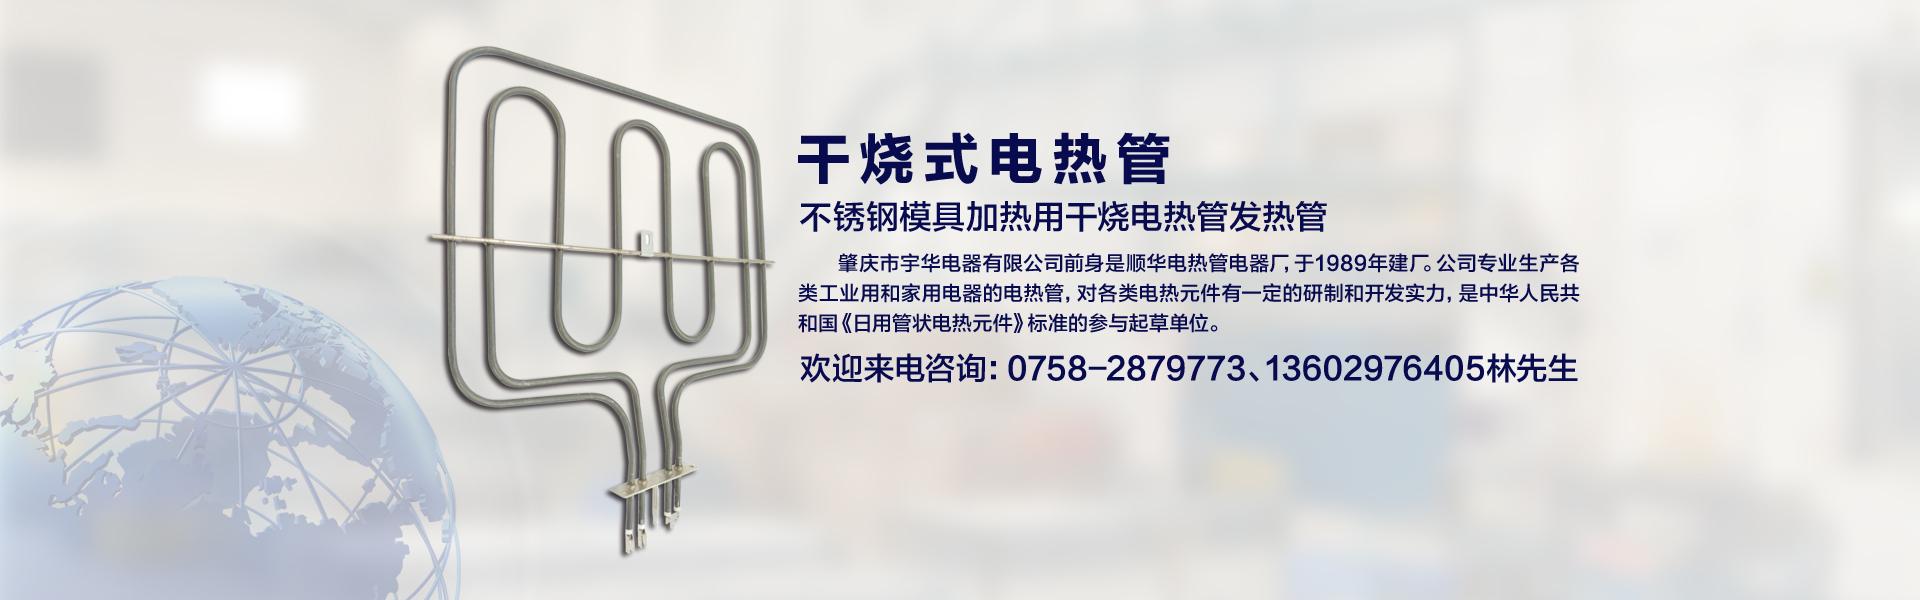 肇庆市宇華電器有限公司专业生产干烧式电热管,单头电热管和不锈钢电加热管。